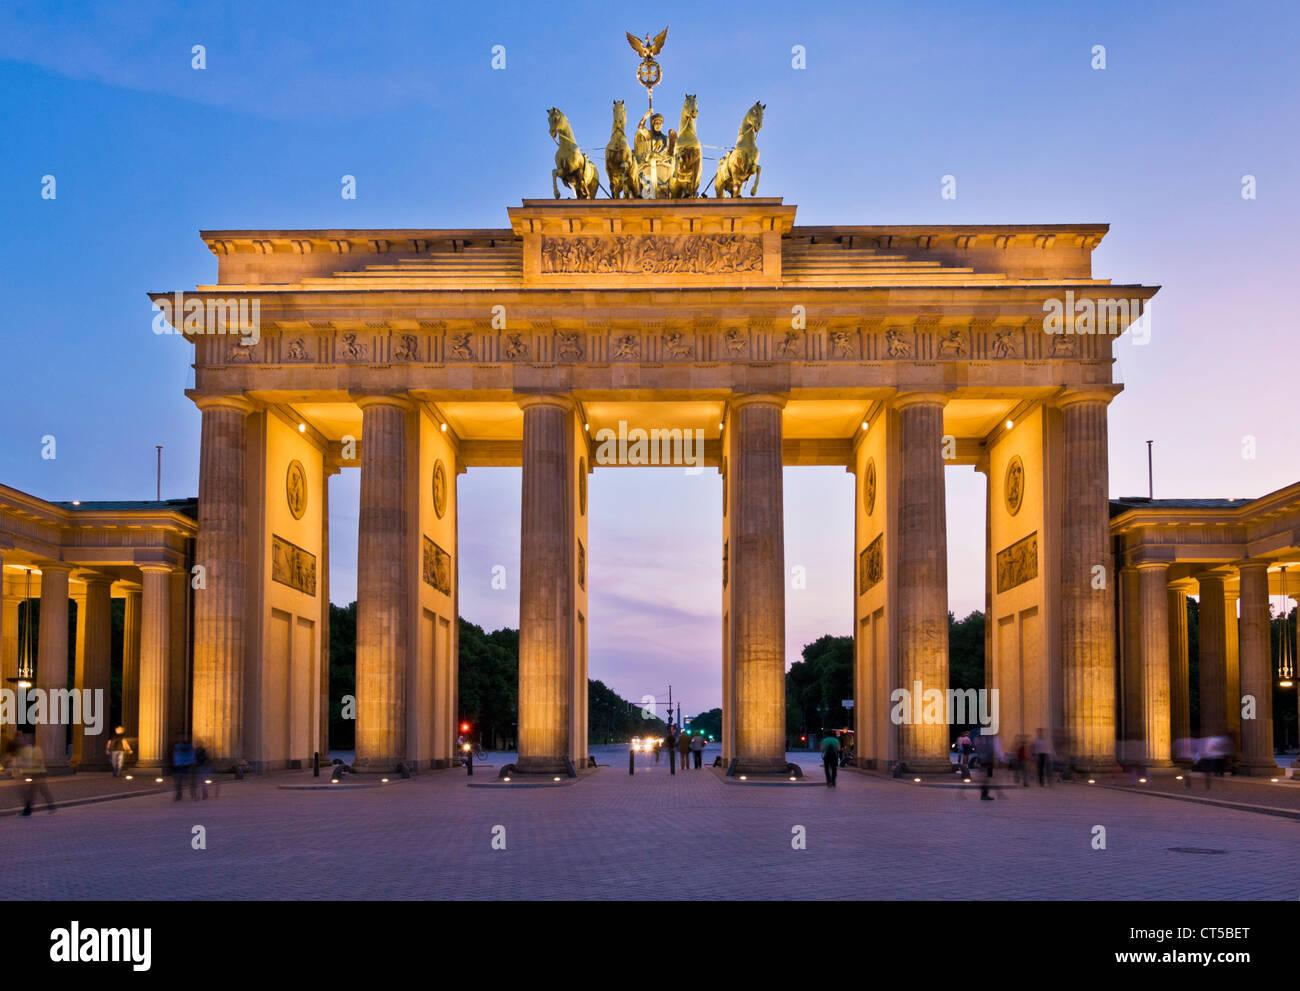 Porta di Brandeburgo Pariser Platz con la Quadriga alato statua in cima al tramonto il centro di Berlino Germania UE Europa Foto Stock